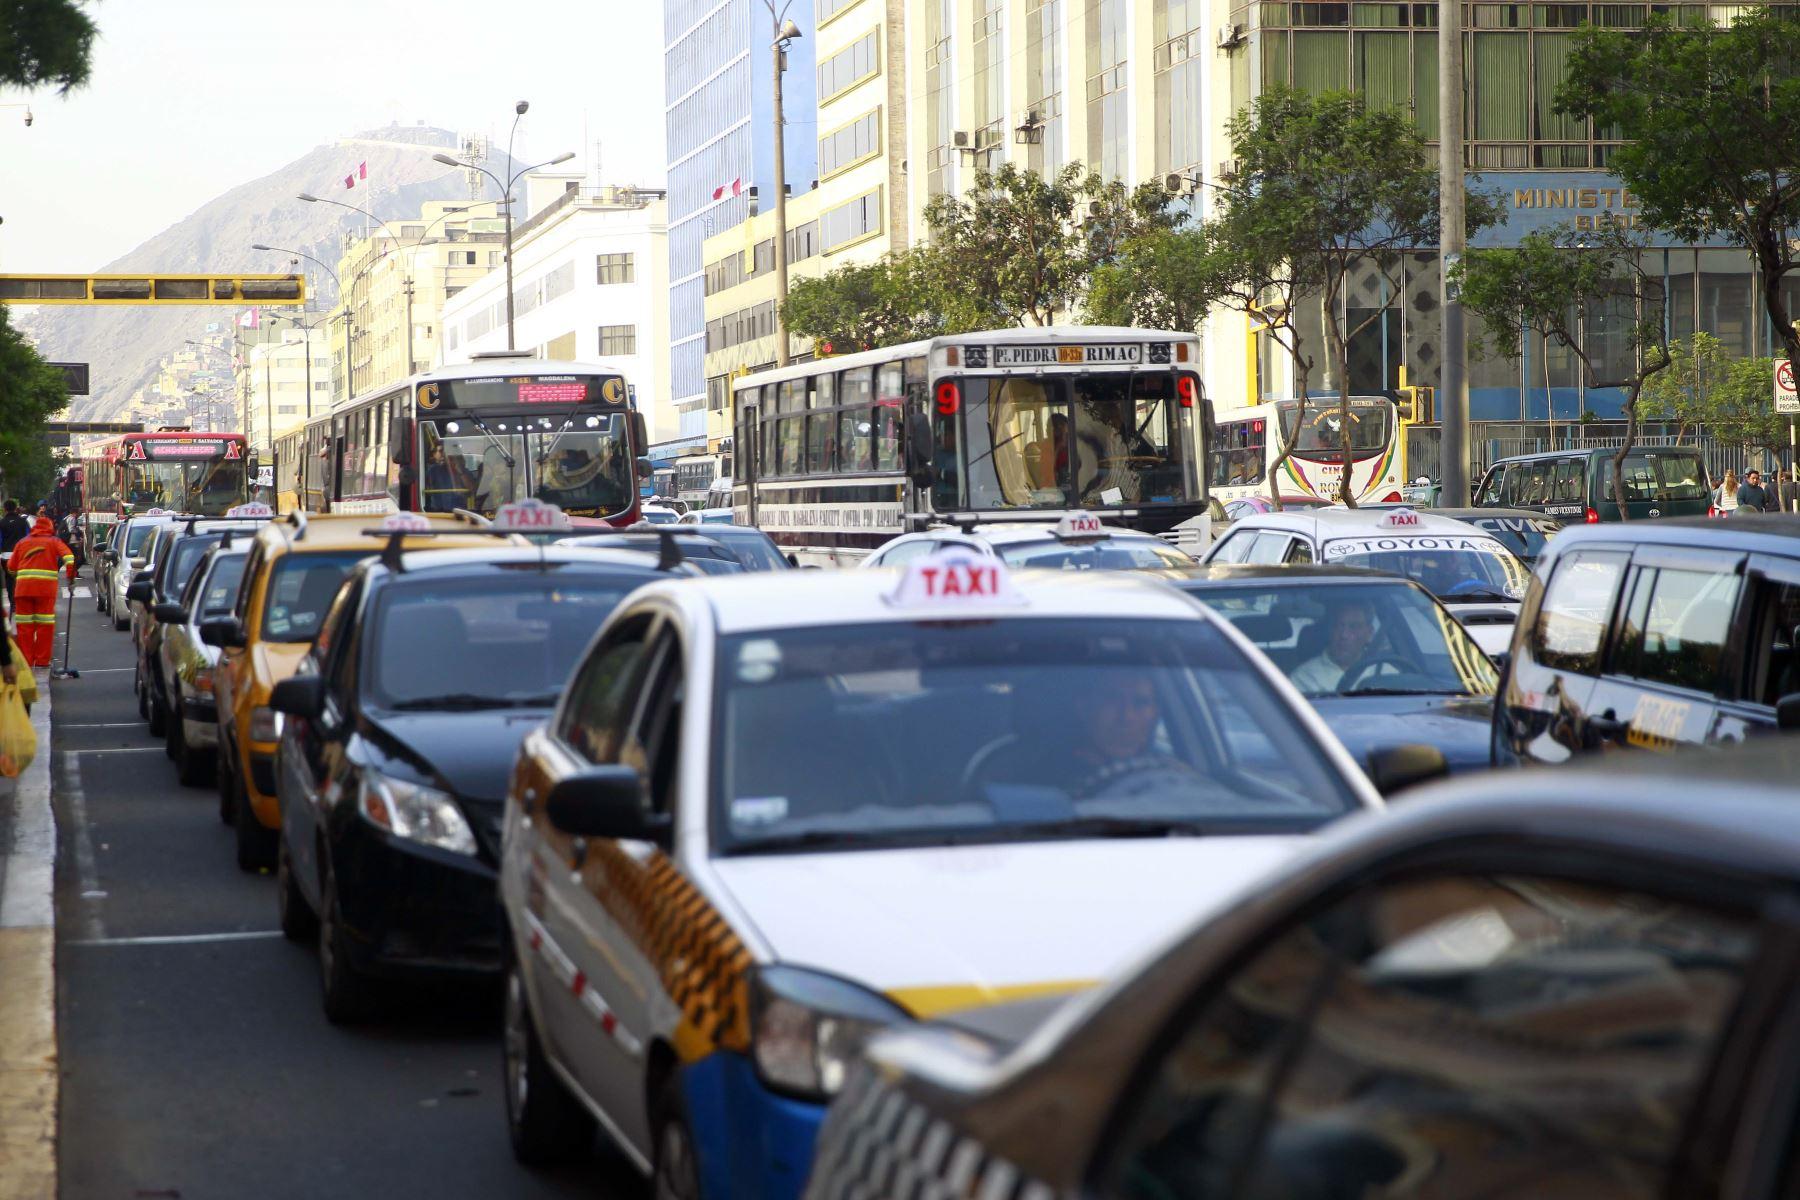 Congestión vehicular en el centro de Lima. Foto: ANDINA/Luis Iparraguirre